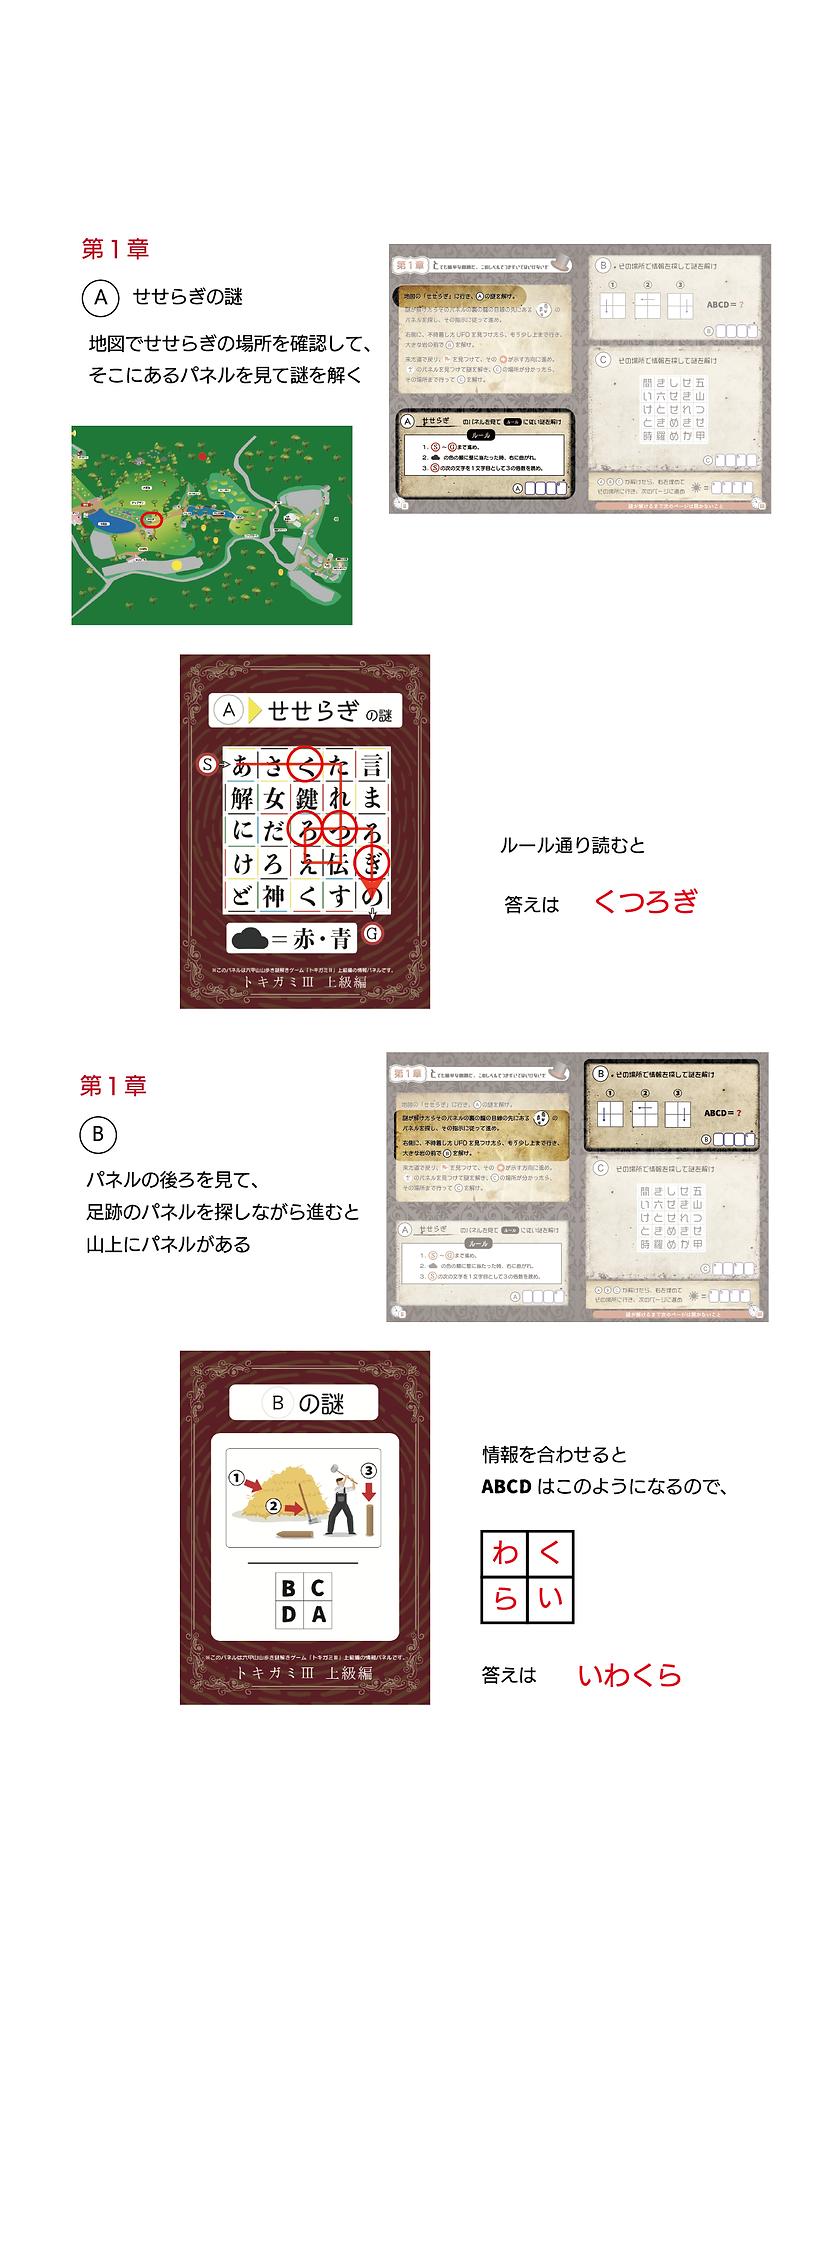 上級編-解答1.png